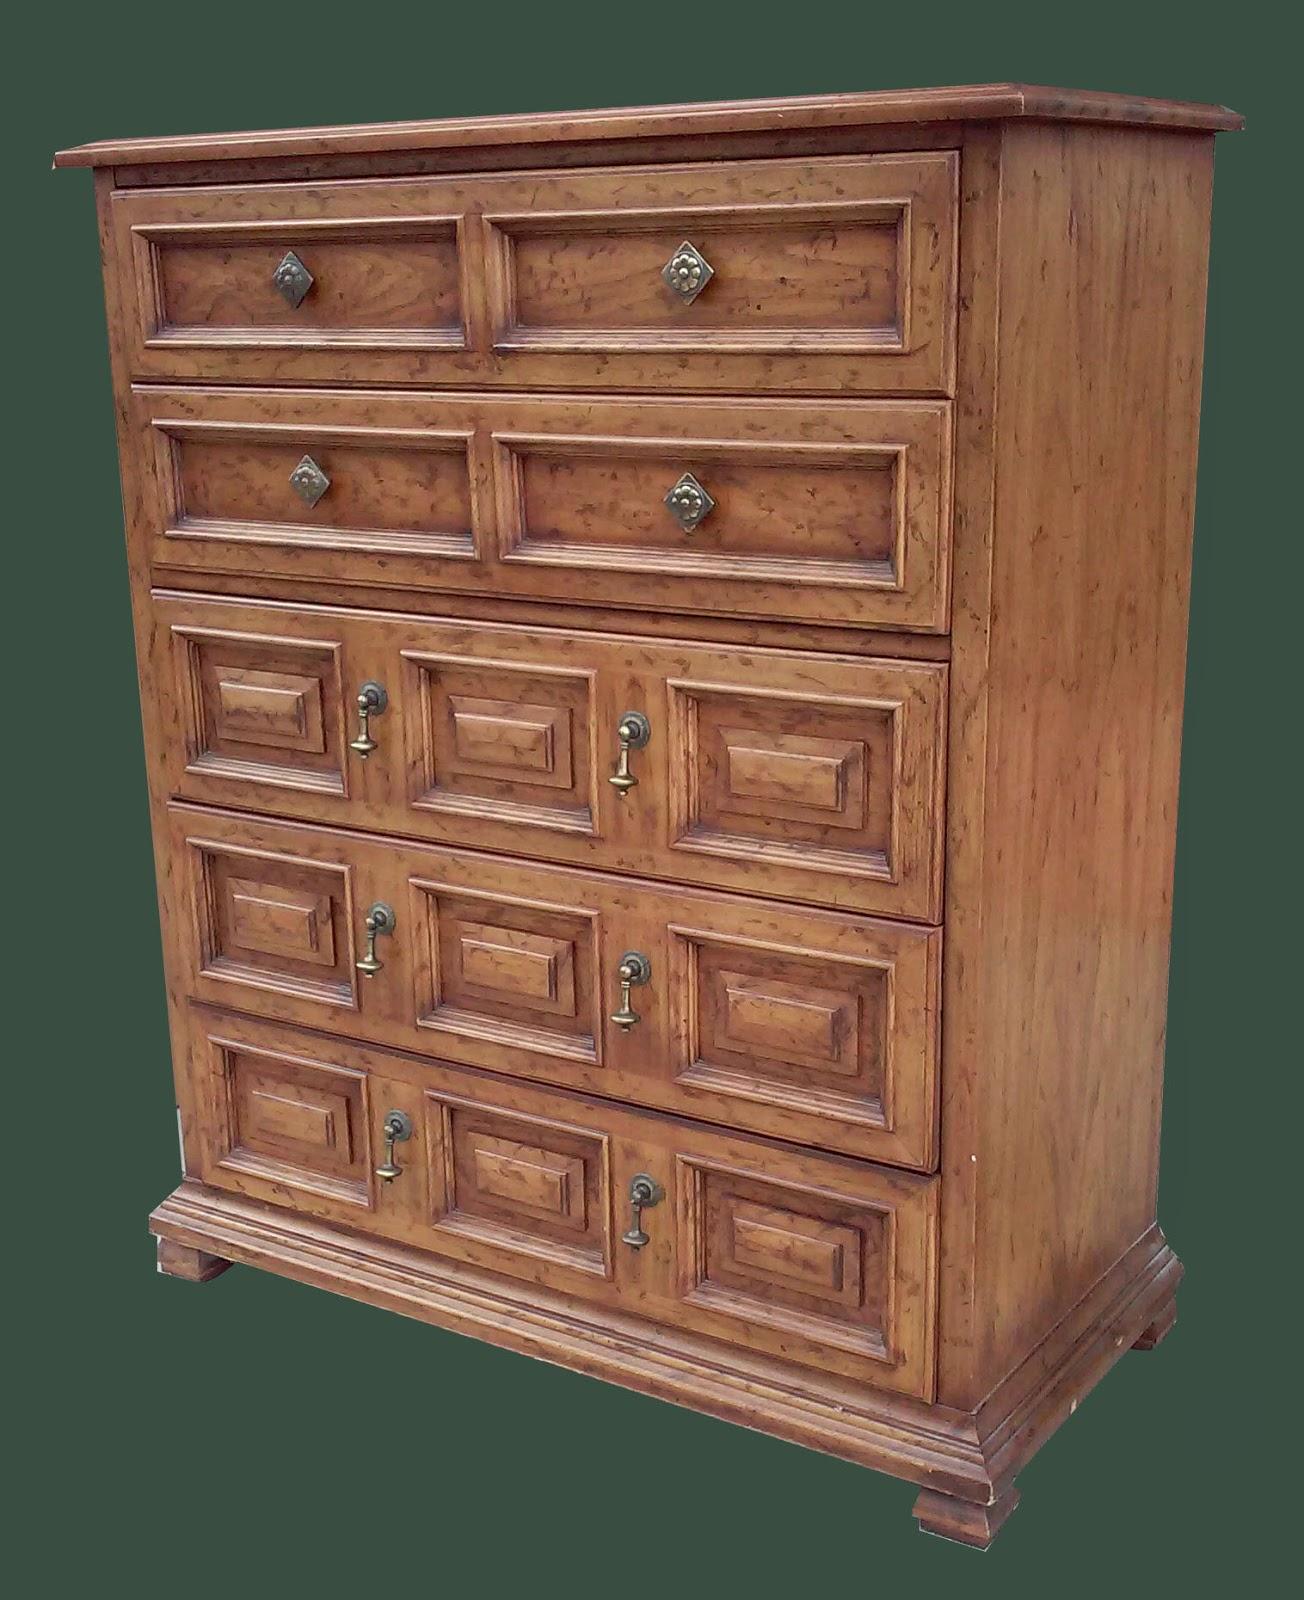 Pecan Furniture Bedroom 28 Images Toronto 5 Piece King Storage Bedroom Set Pecan Dolls